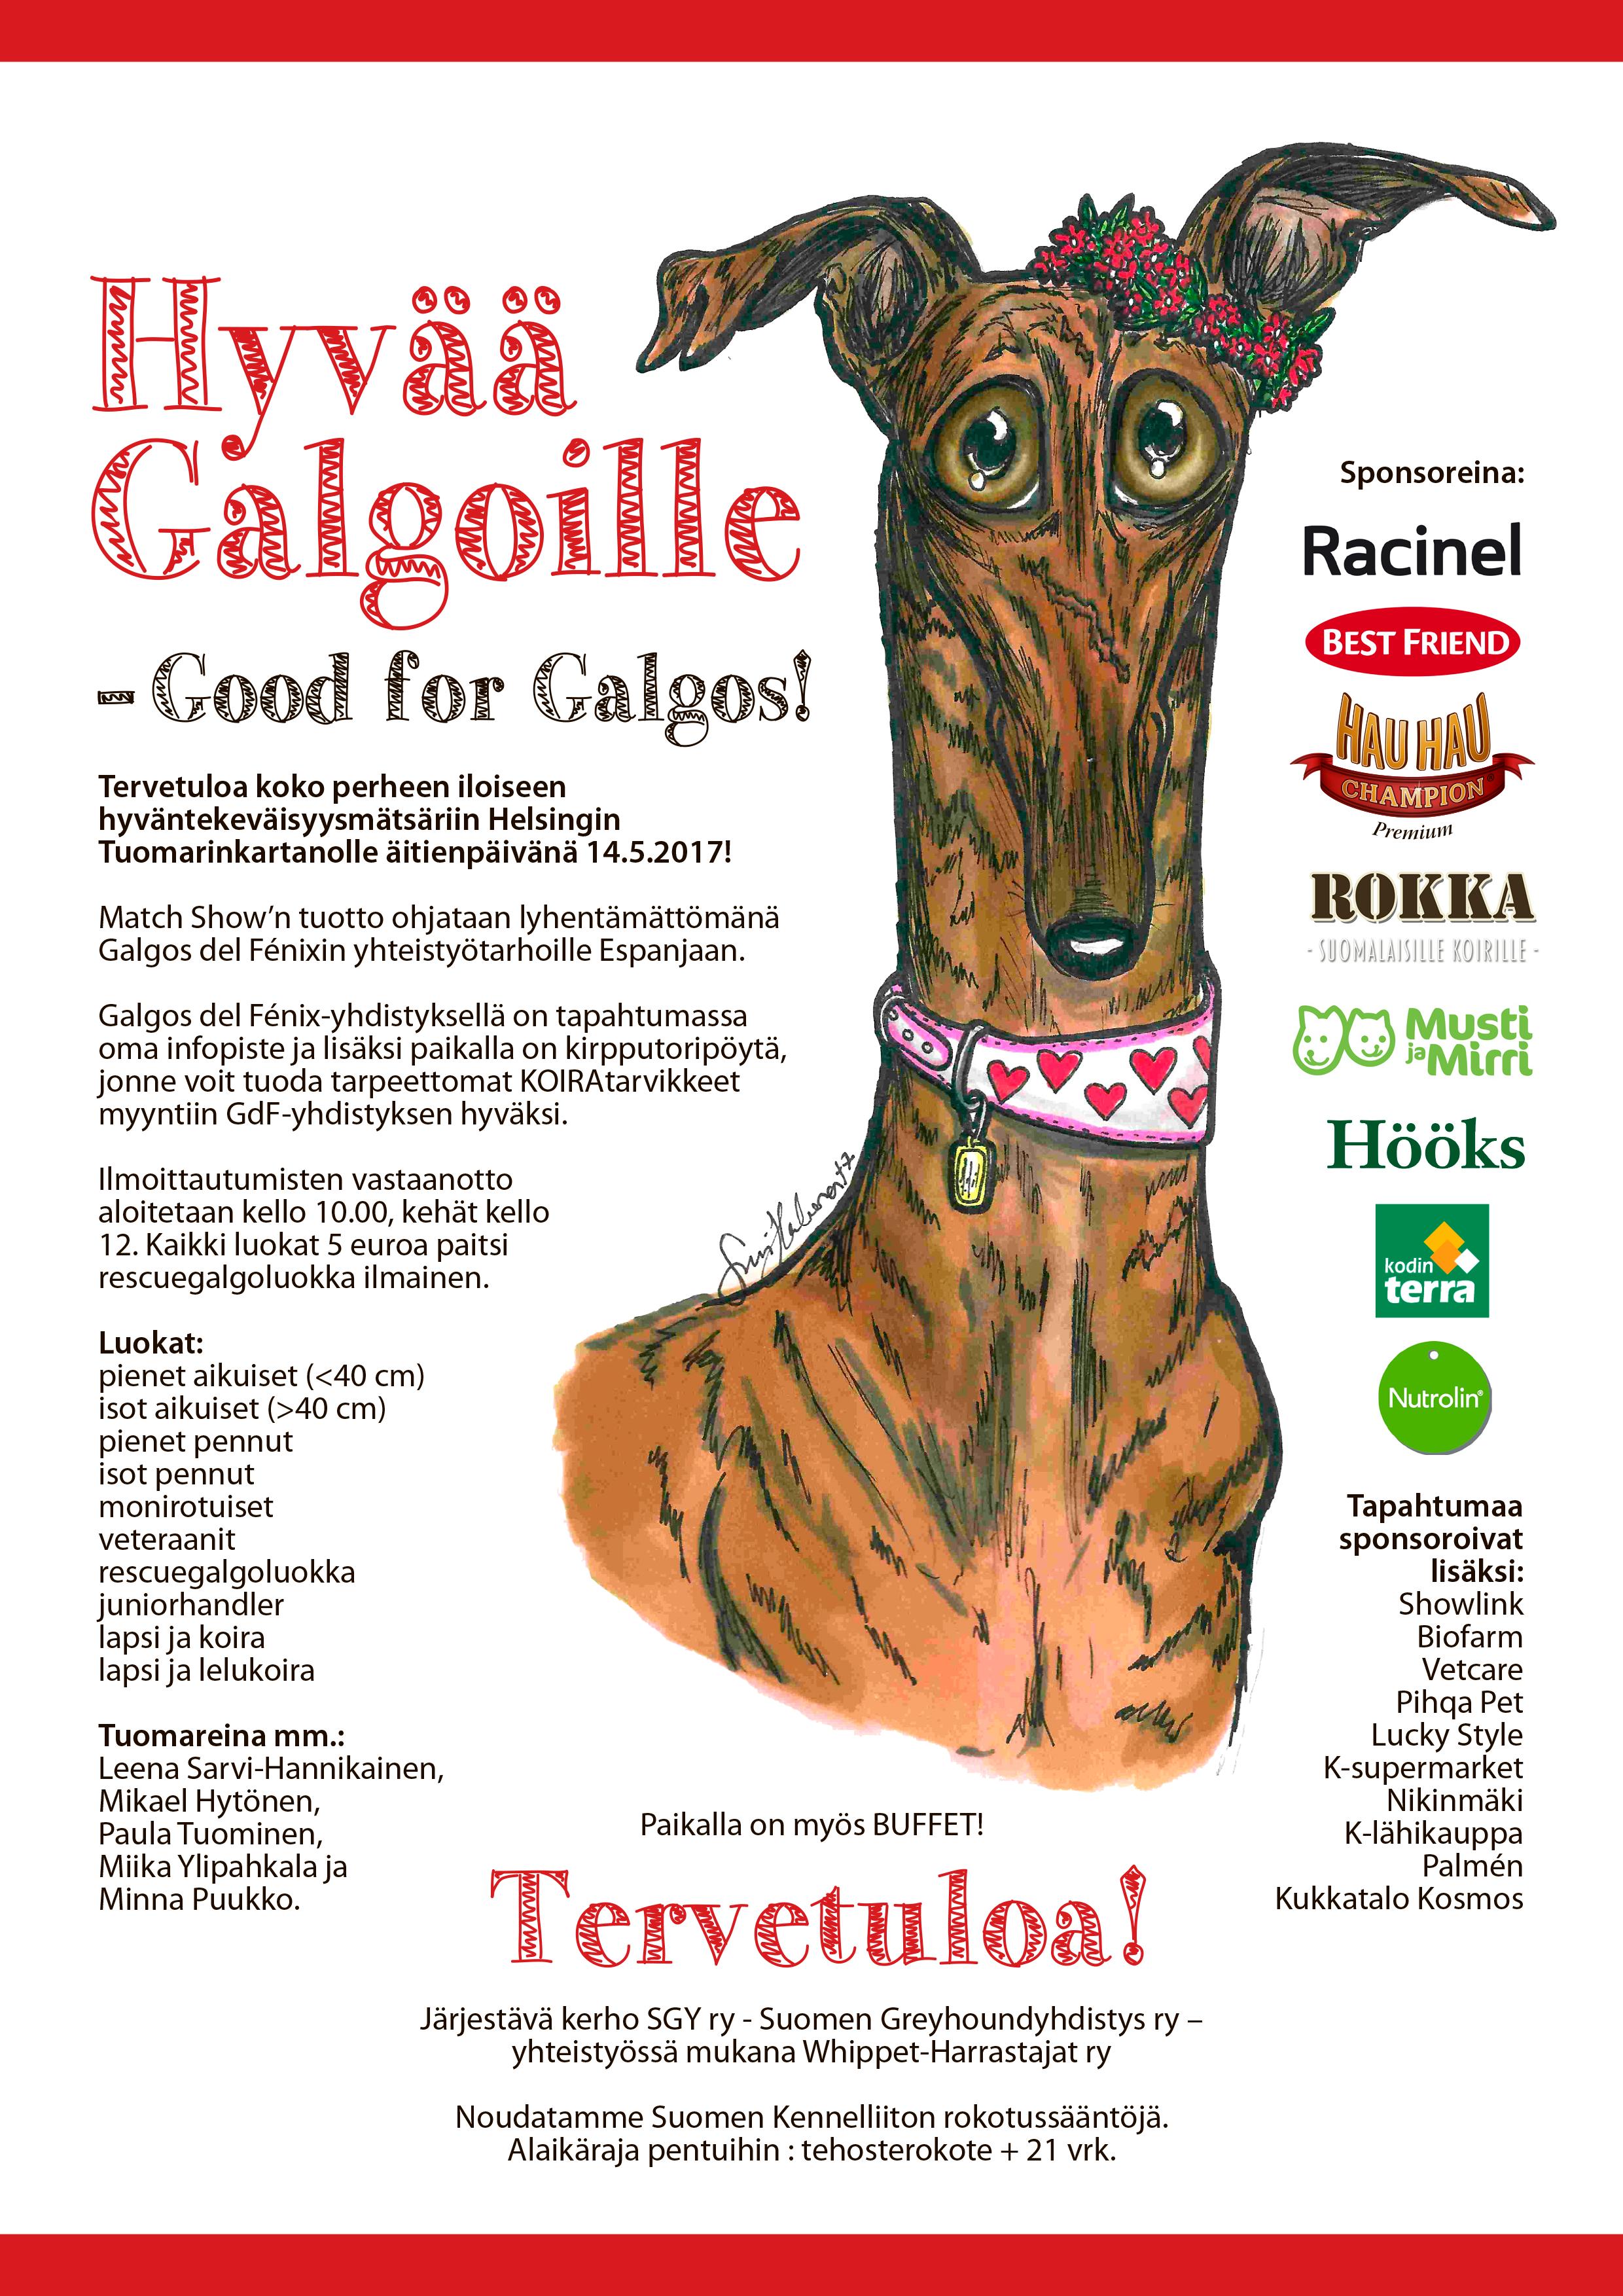 Hyvää Galgoille